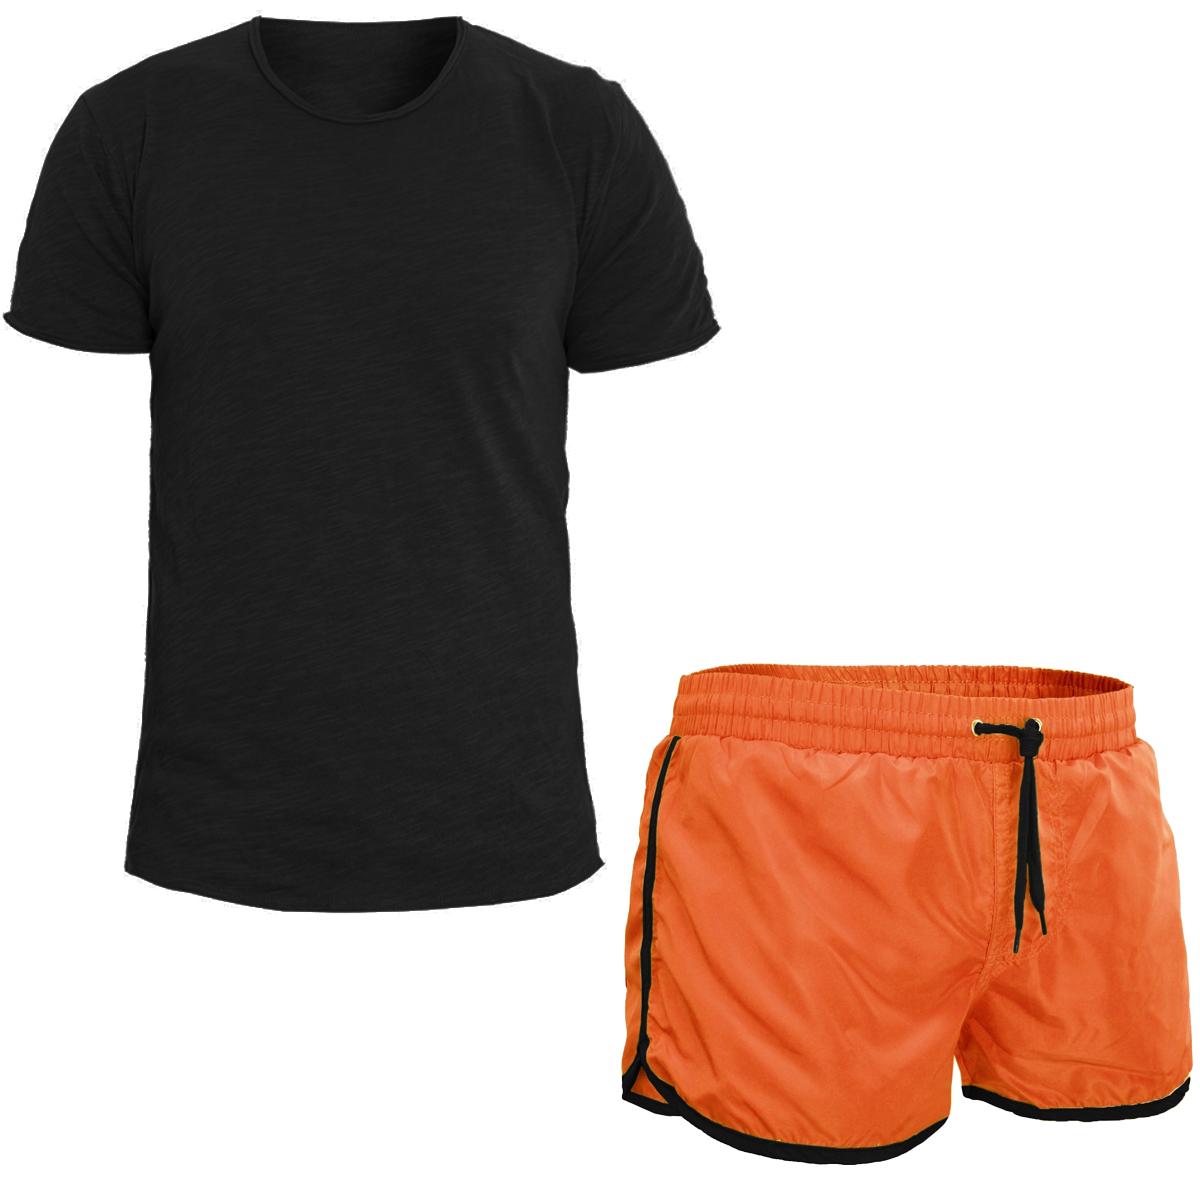 Generoso Completo Uomo T-shirt Tinta Unita Nera Costume Da Bagno Boxer Arancione Look ... Buona Conservazione Del Calore